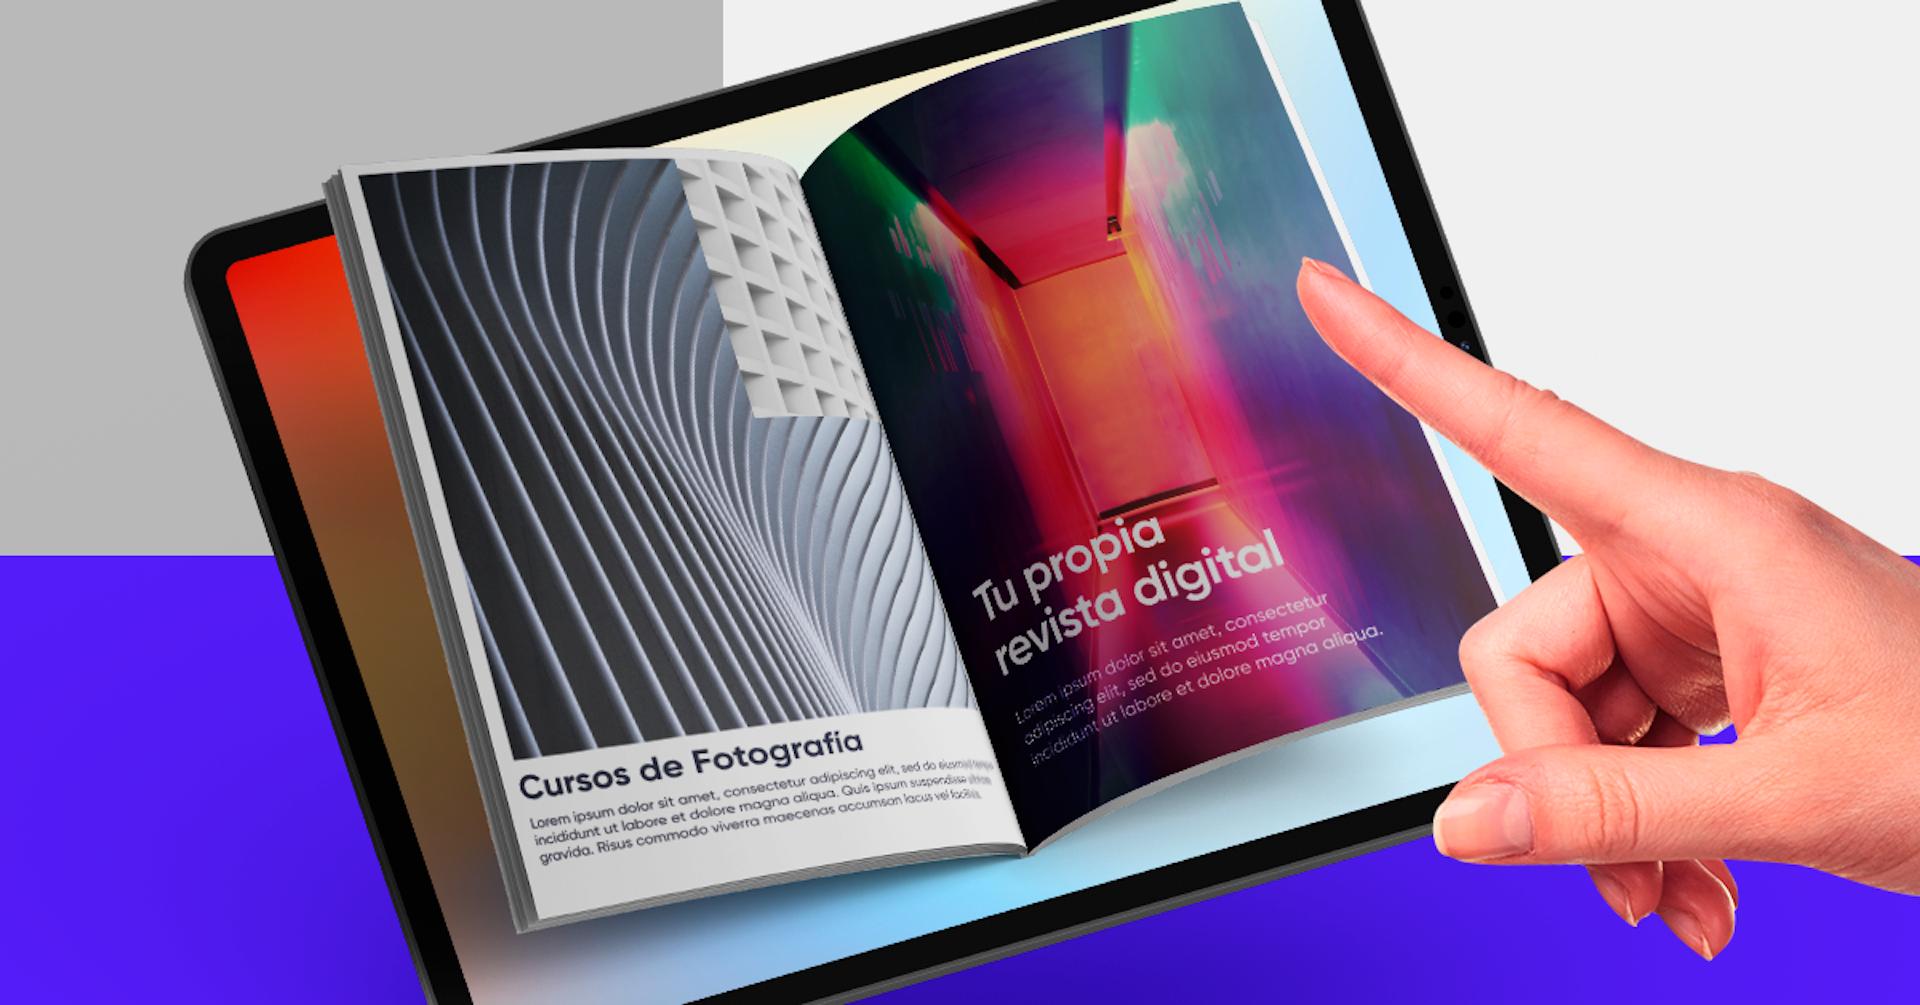 ¿Cómo hacer una revista digital? Diseña la que siempre quisiste en 7 pasos